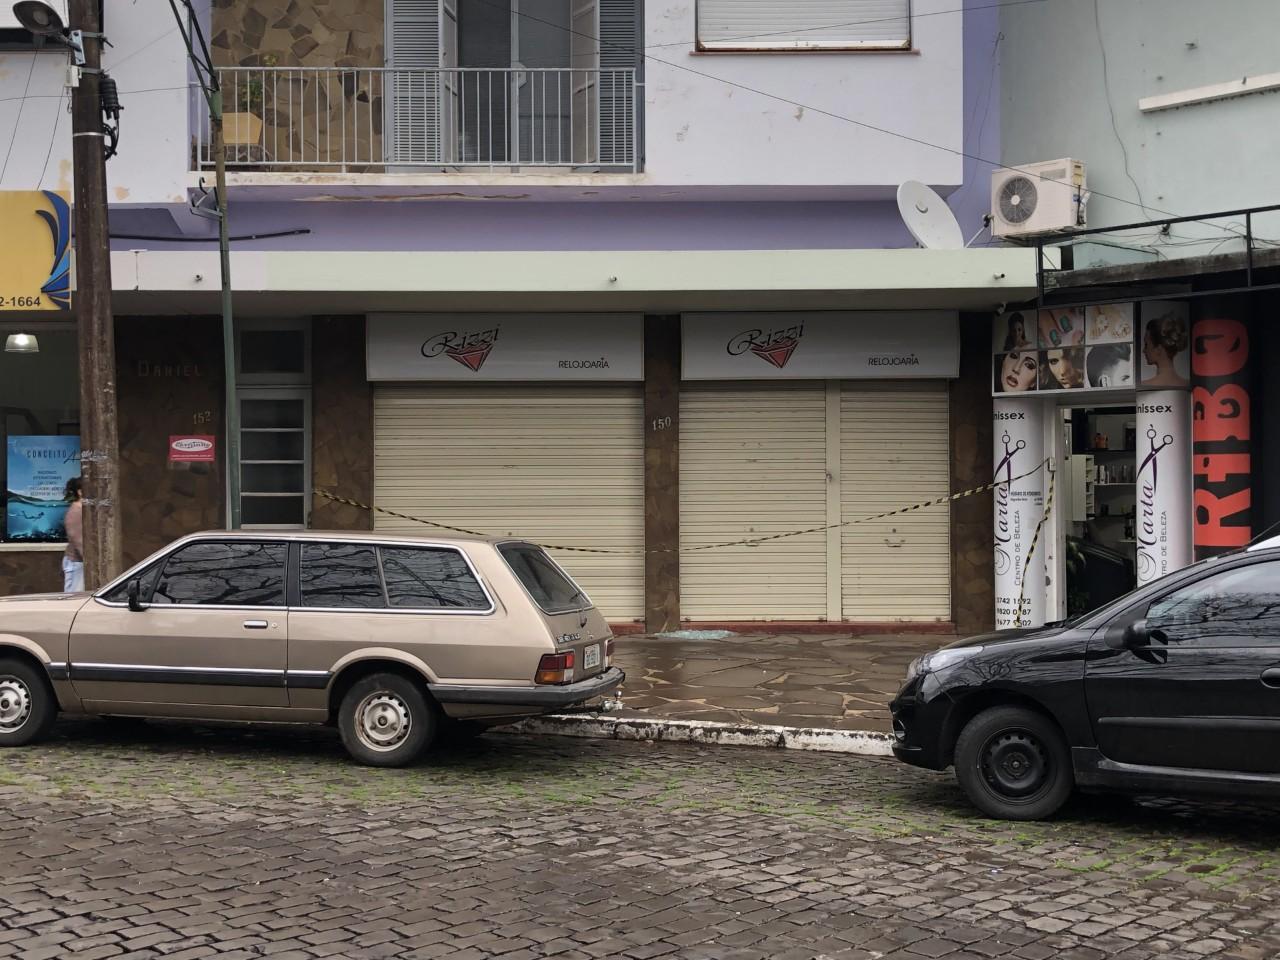 Dono de relojoaria é baleado durante roubo em Sobradinho; dois assaltantes são presos  - Notícias - Plantão Diário